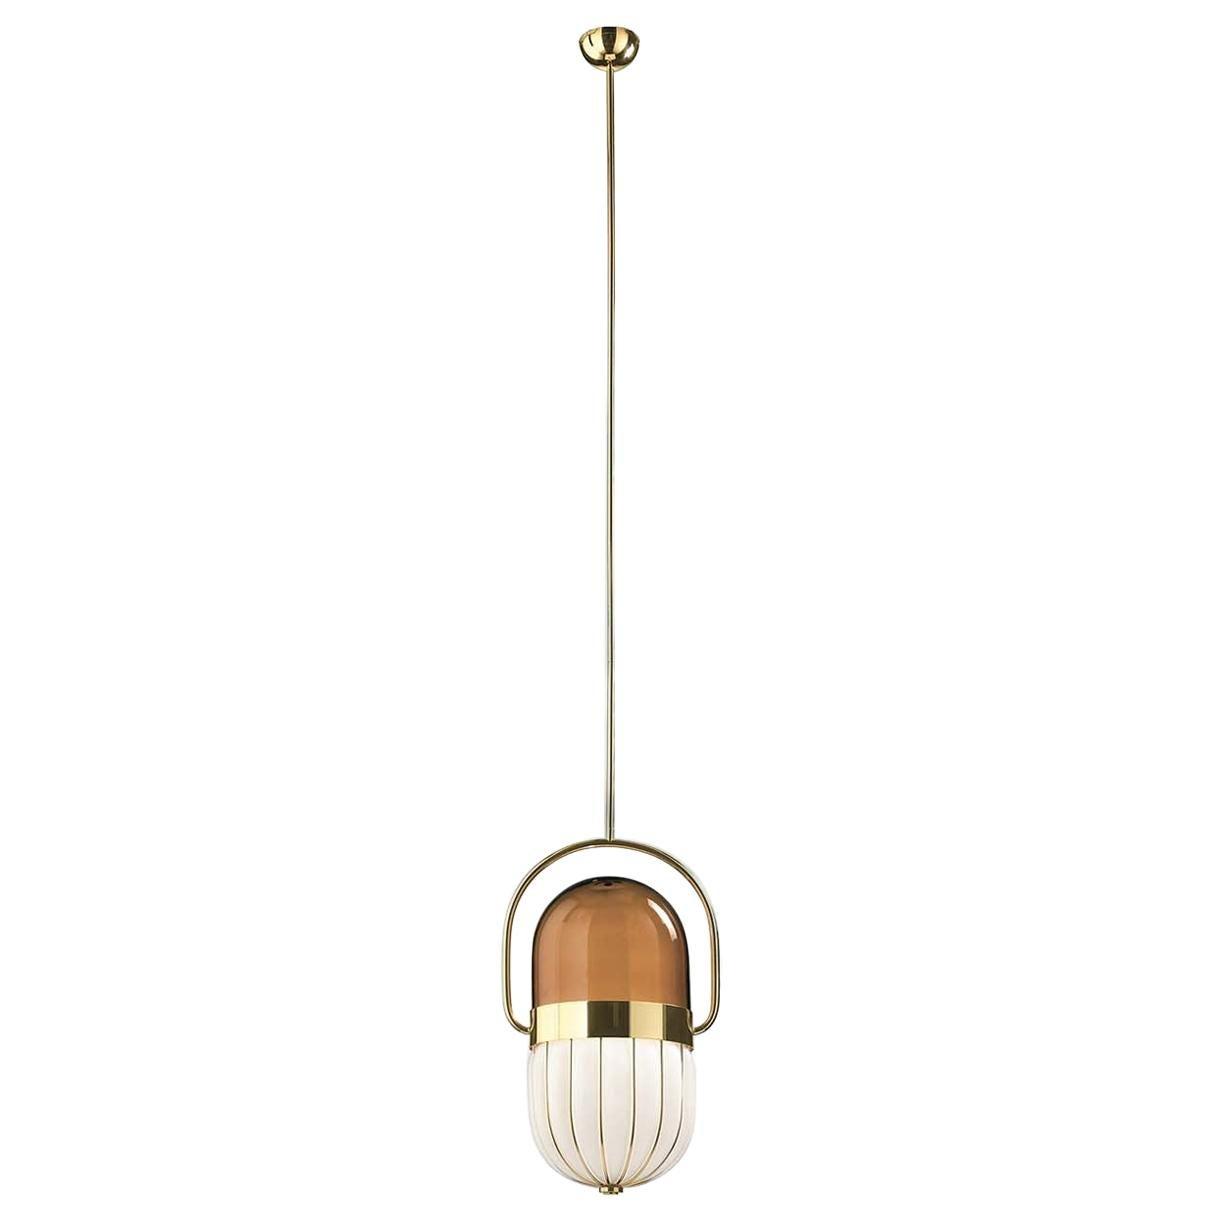 Pill Ceiling Lamp by Matteo Zorzenoni